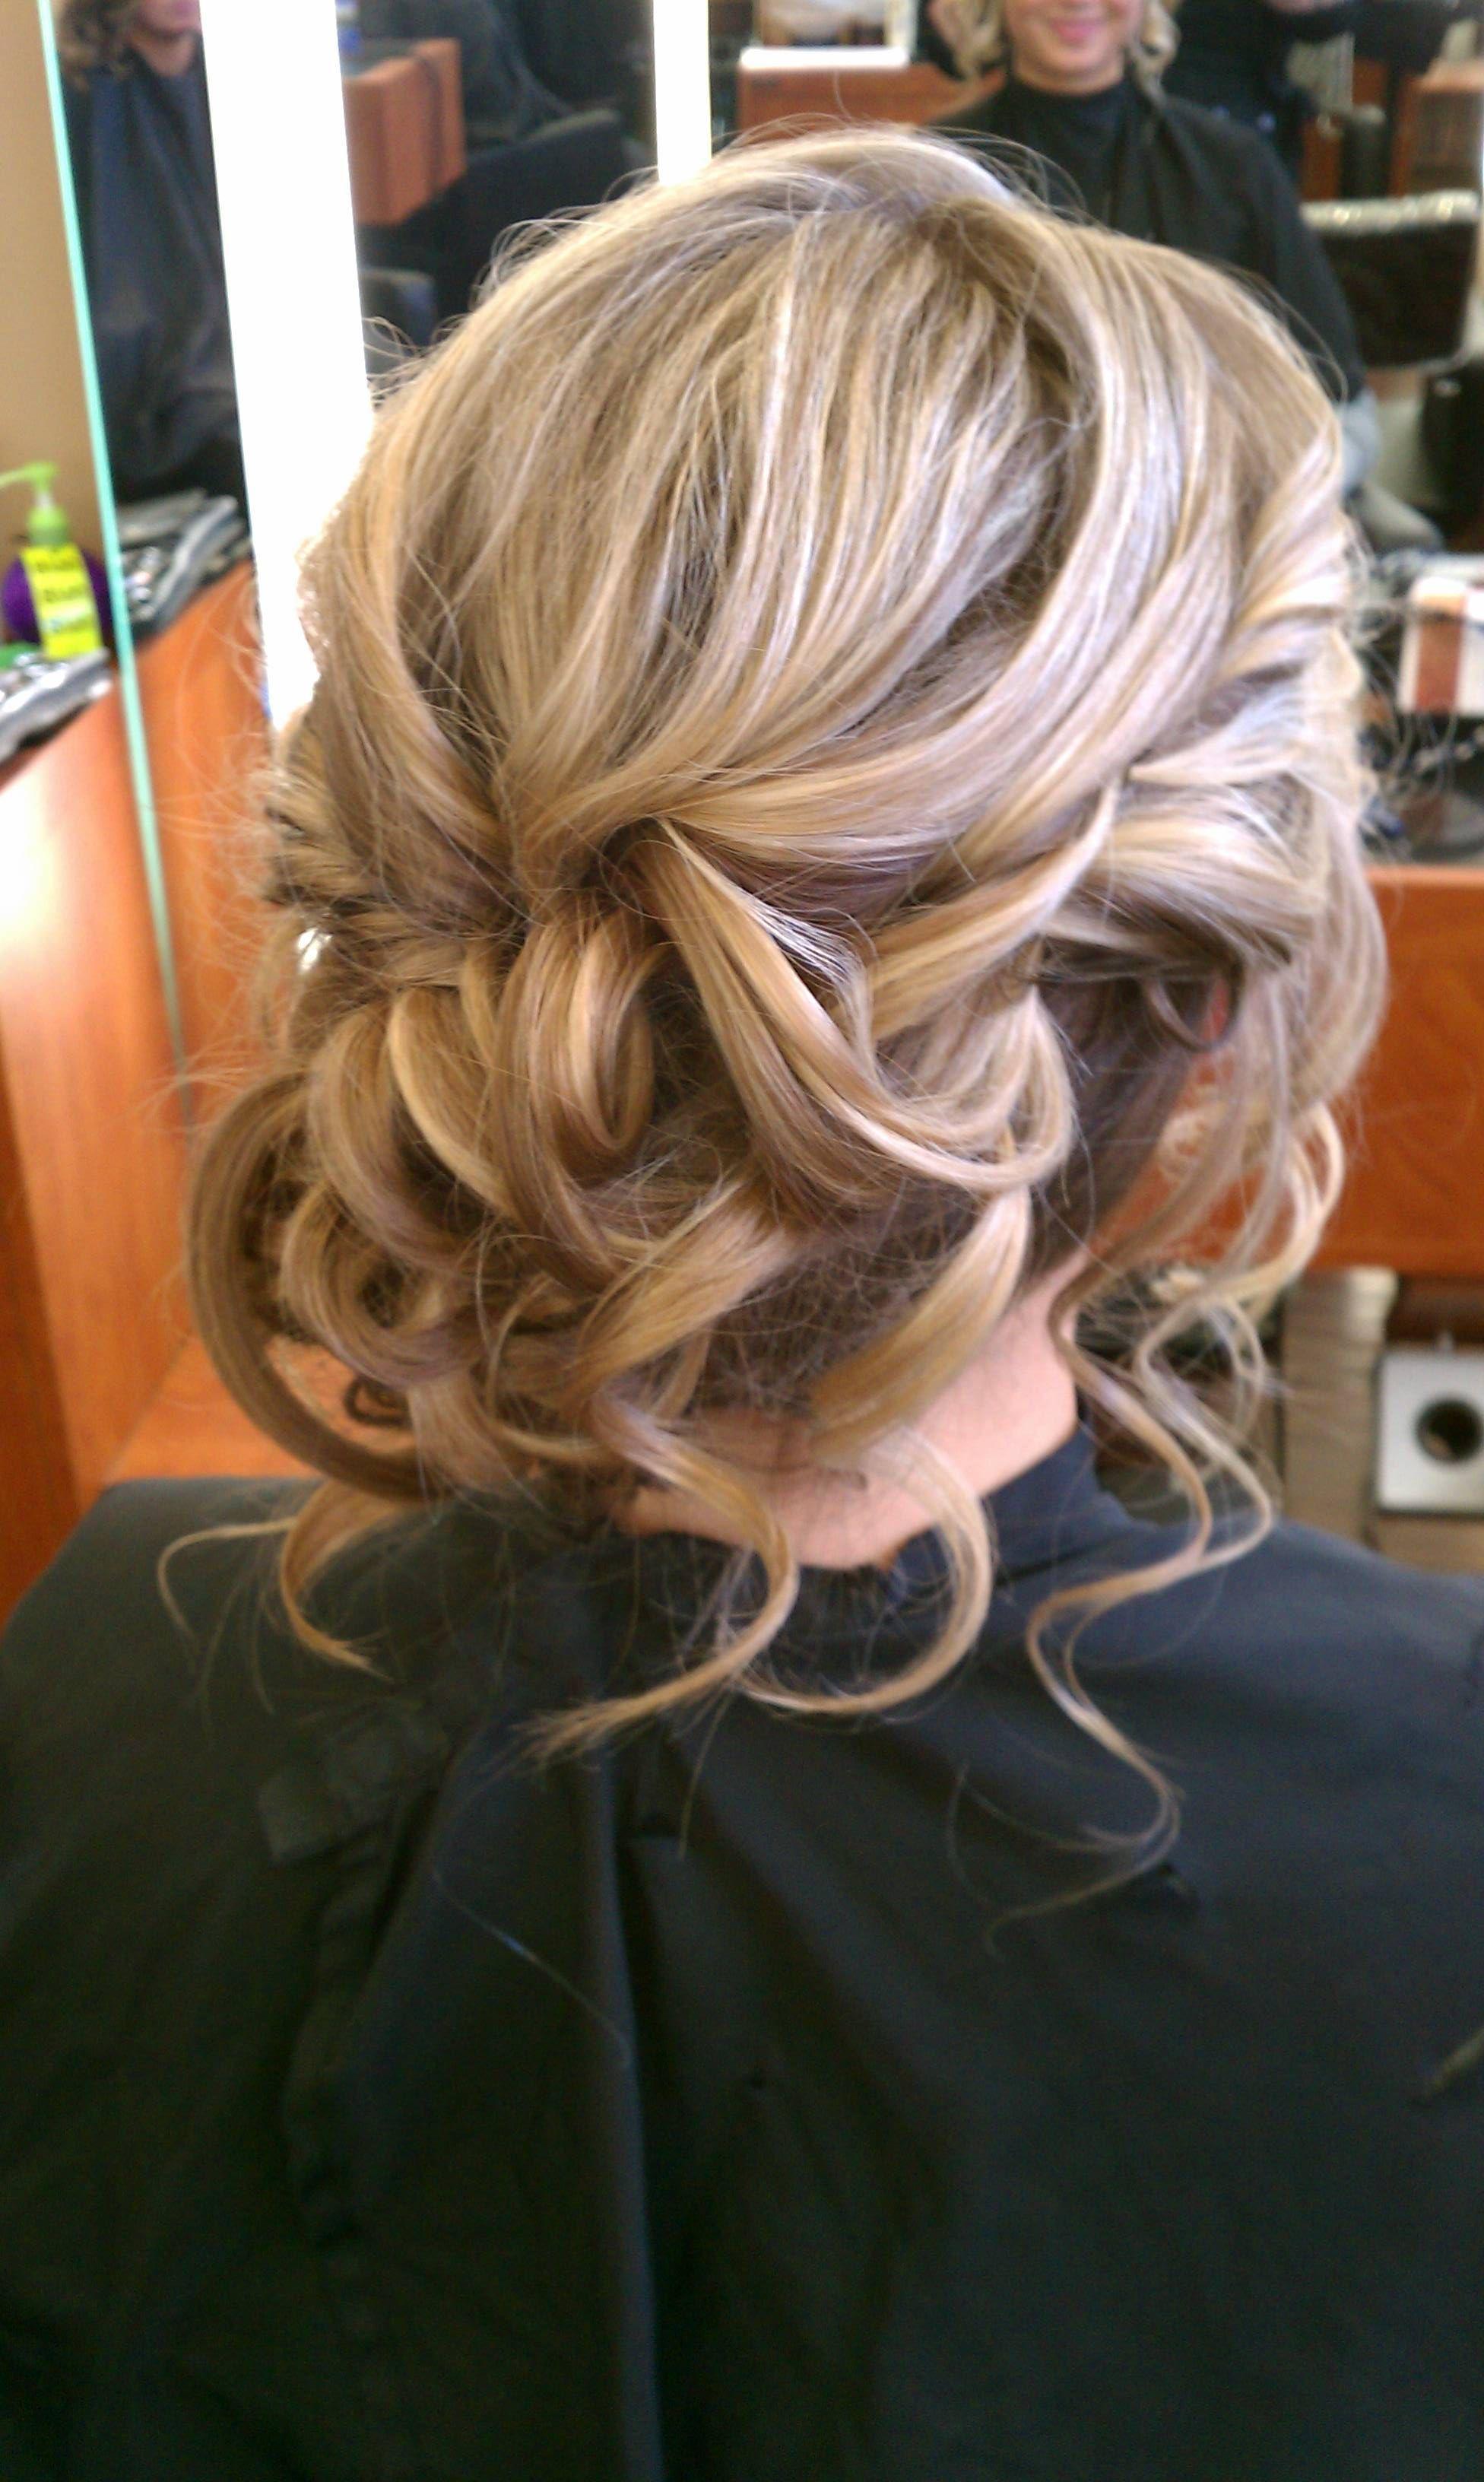 Prom Homecoming Wedding Bridal Bridesmaid Low Hair Upstyle